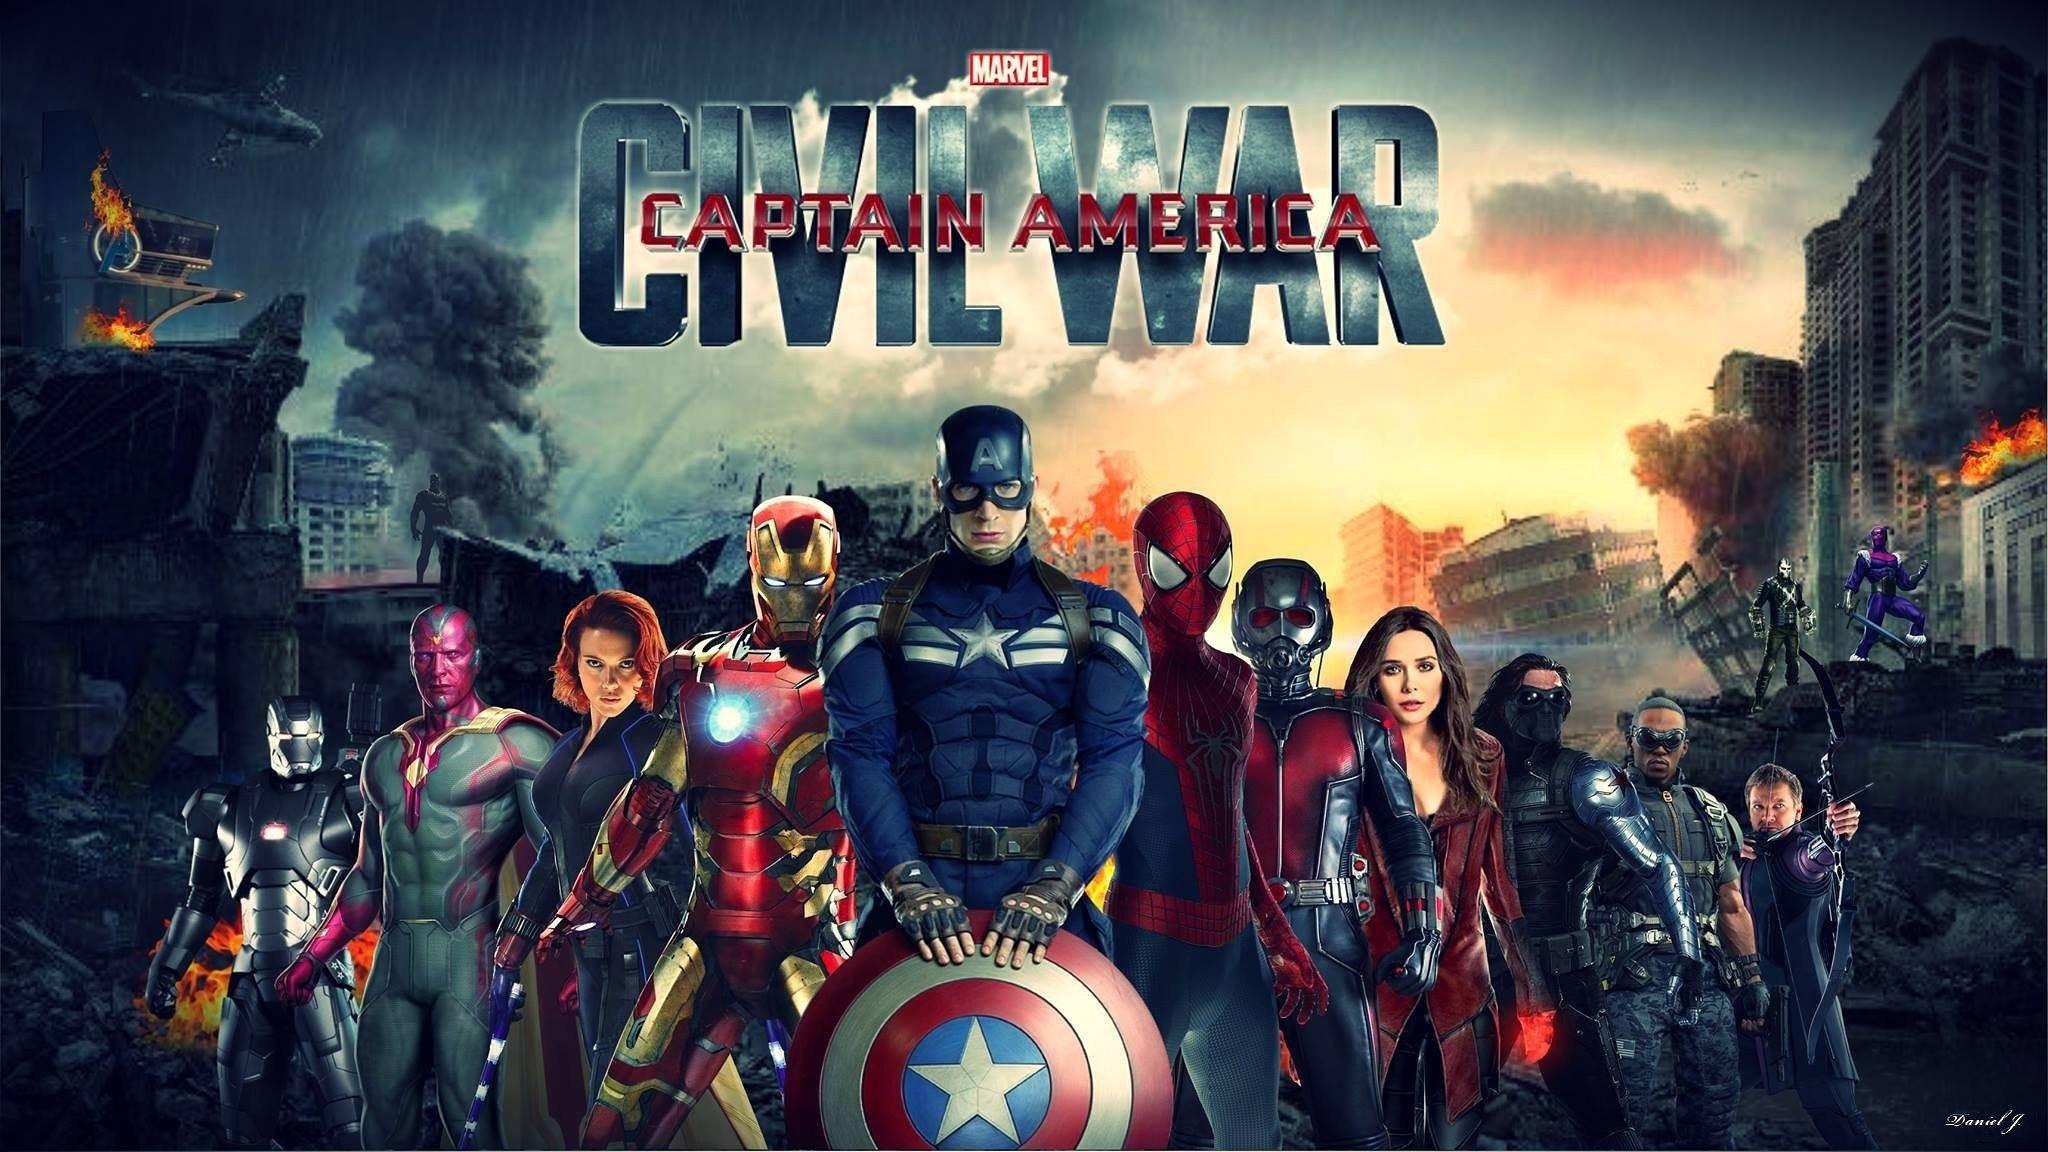 Captain America Civil War Desktop Wallpaper 77 Images